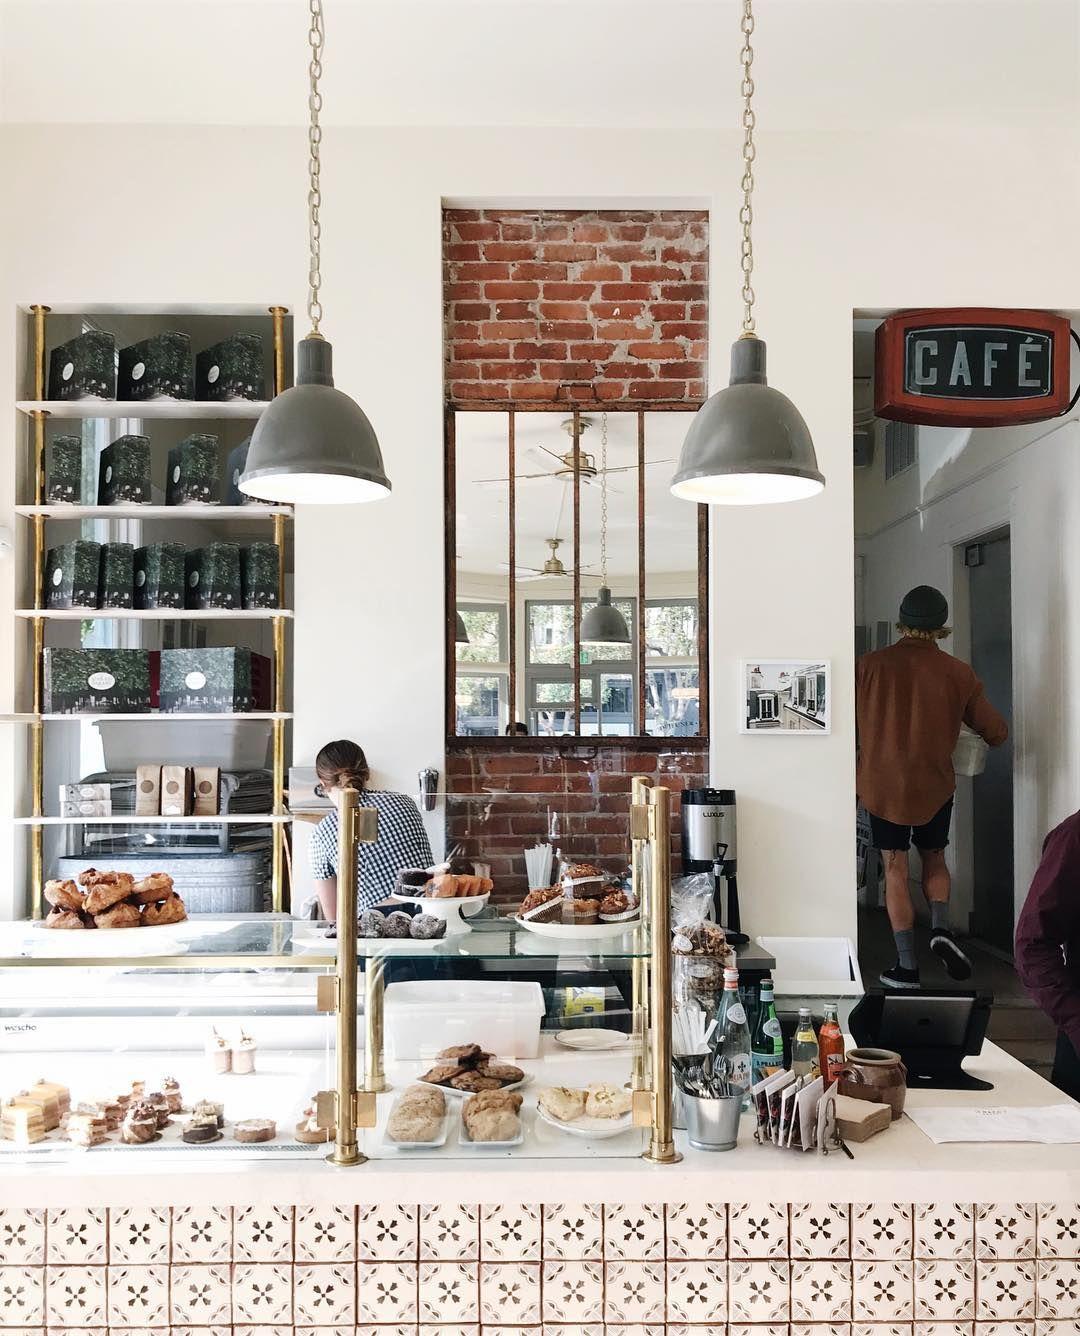 Le marais bakery san francisco photo akshhay on